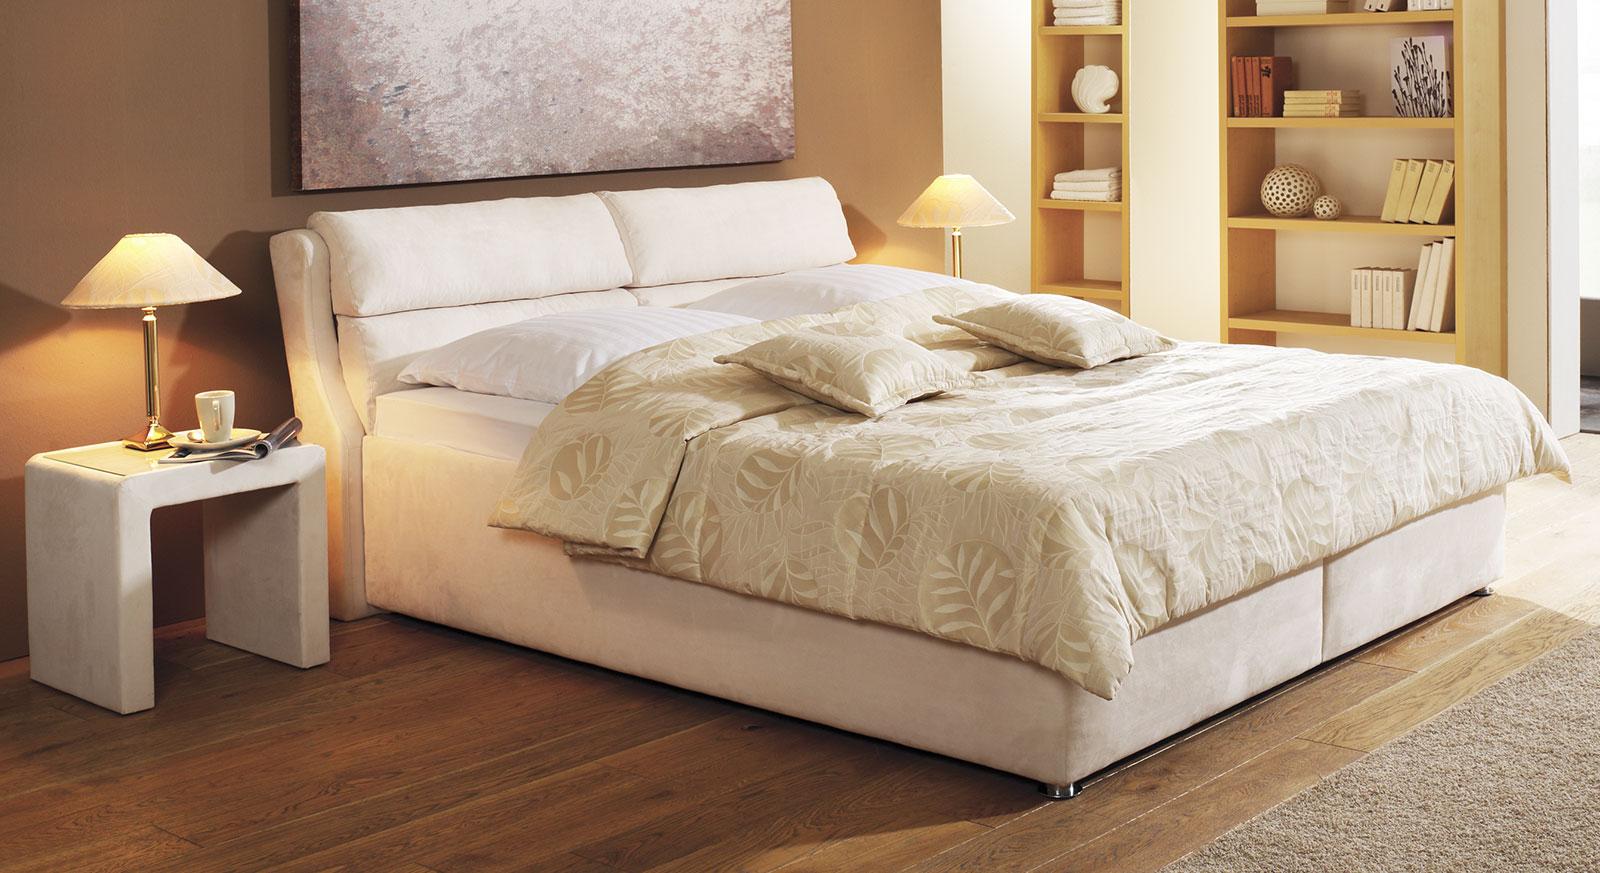 Cremefarbenes Bett Cremona mit weicher Decke in Beige